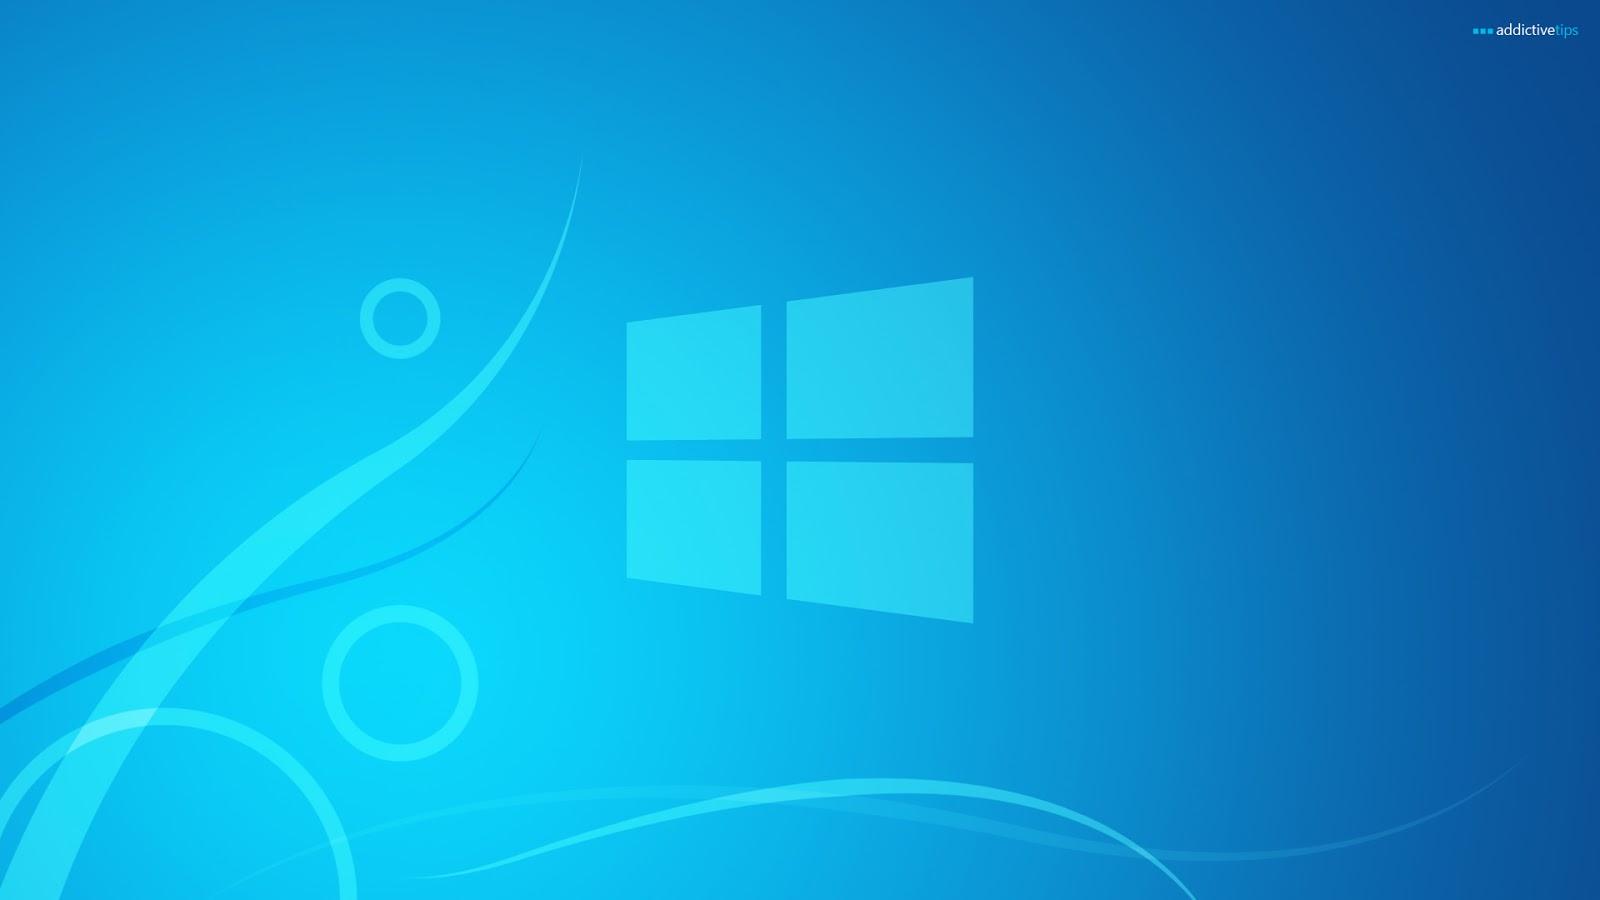 http://3.bp.blogspot.com/-W3TUM0SUpC8/UKF3TsLvXbI/AAAAAAAABvo/xnuOIQbvx0M/s1600/Windows_8_Wallpaper-15.jpg